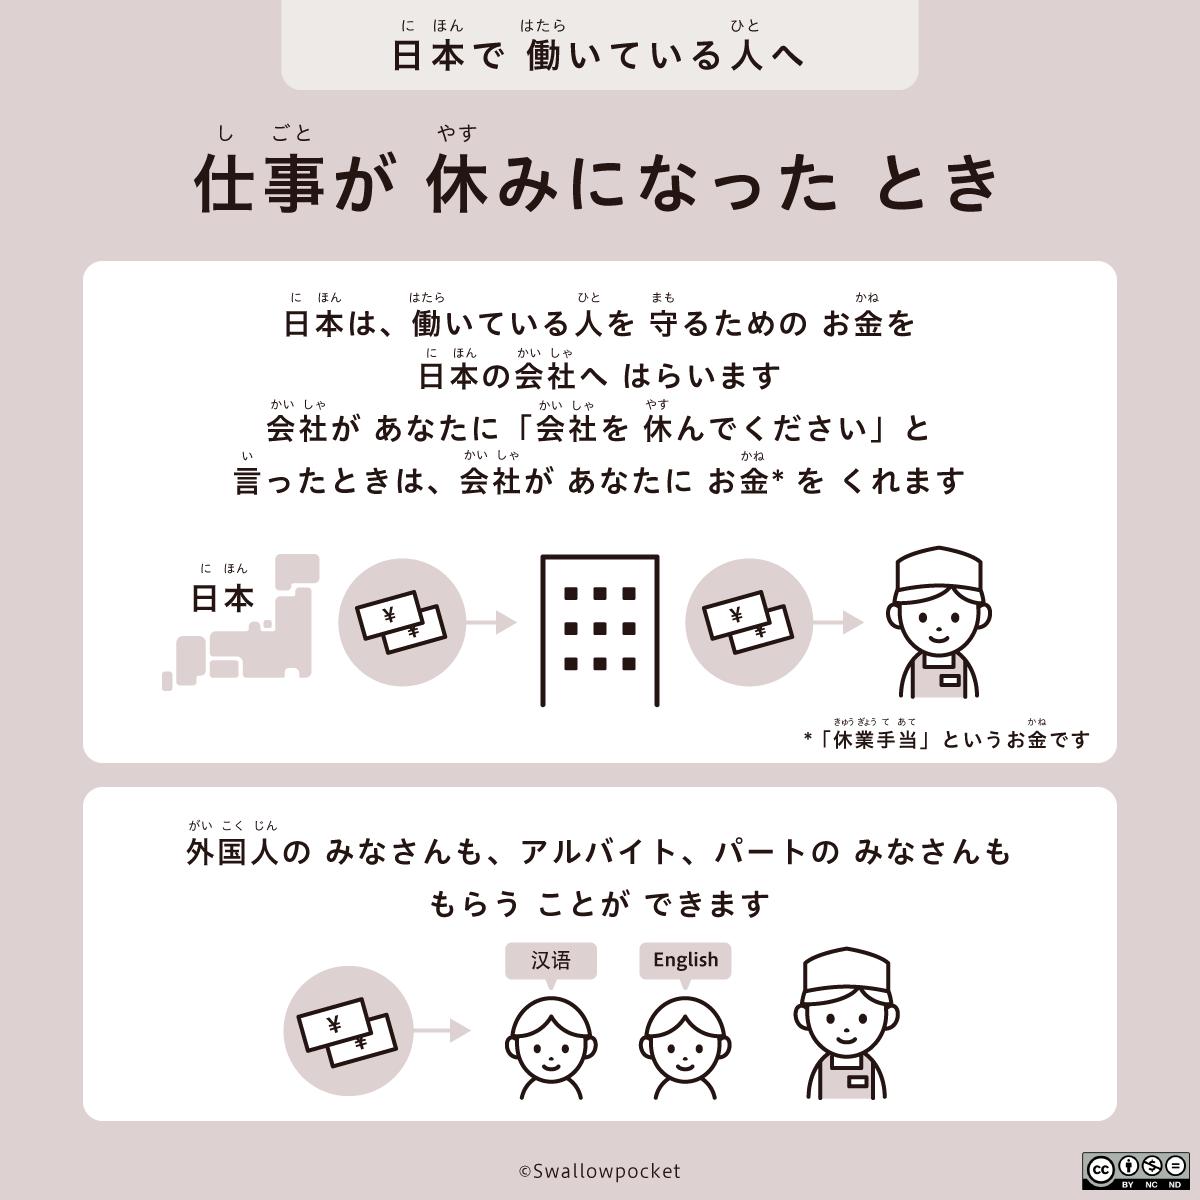 日本で働いている人へ。仕事が休みになったときの説明。詳細は本文。